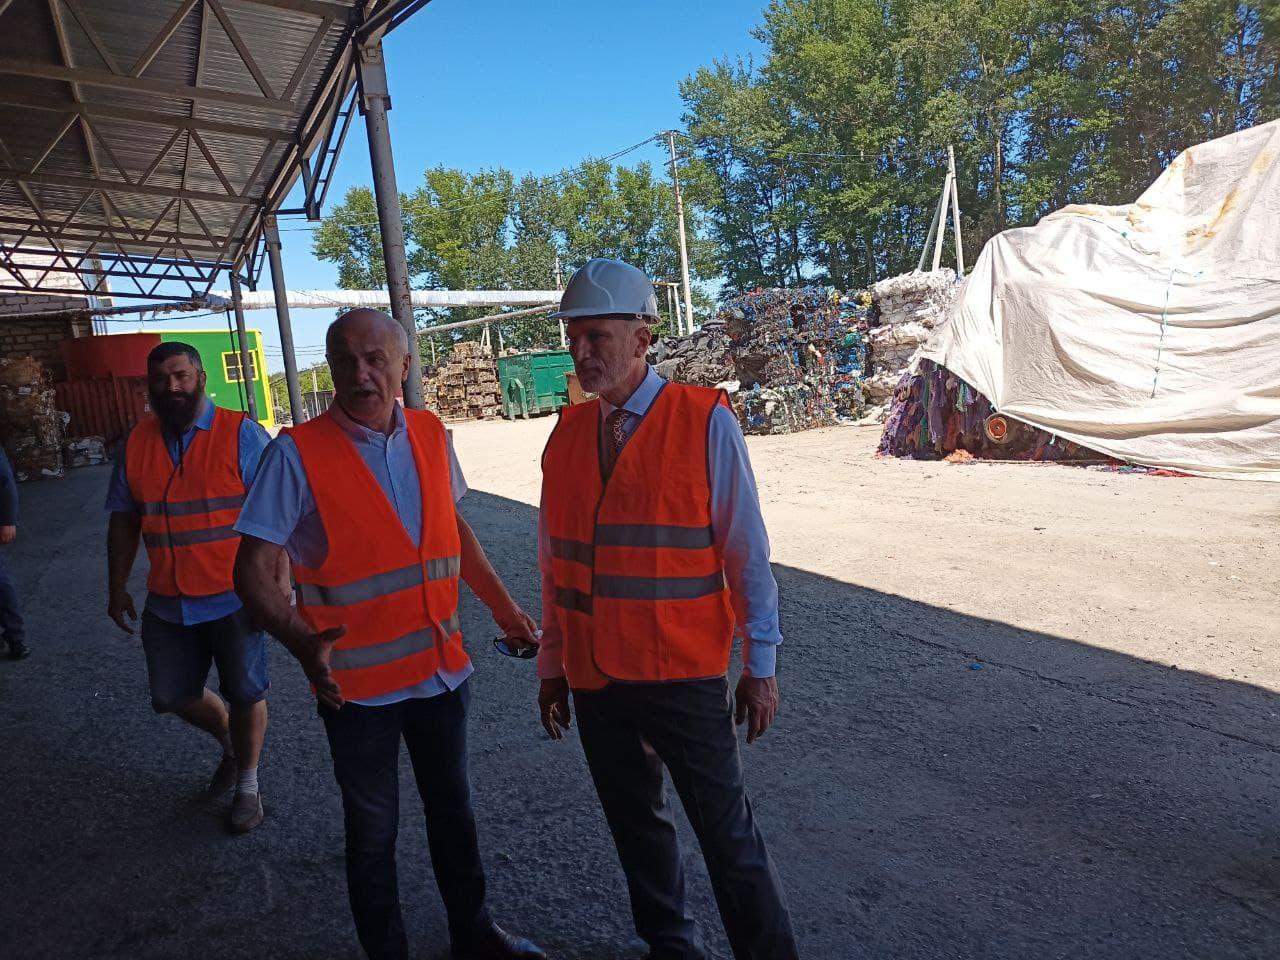 Председатель «Родины» Алексей Журавлев посетил Орел с рабочим визитом 2